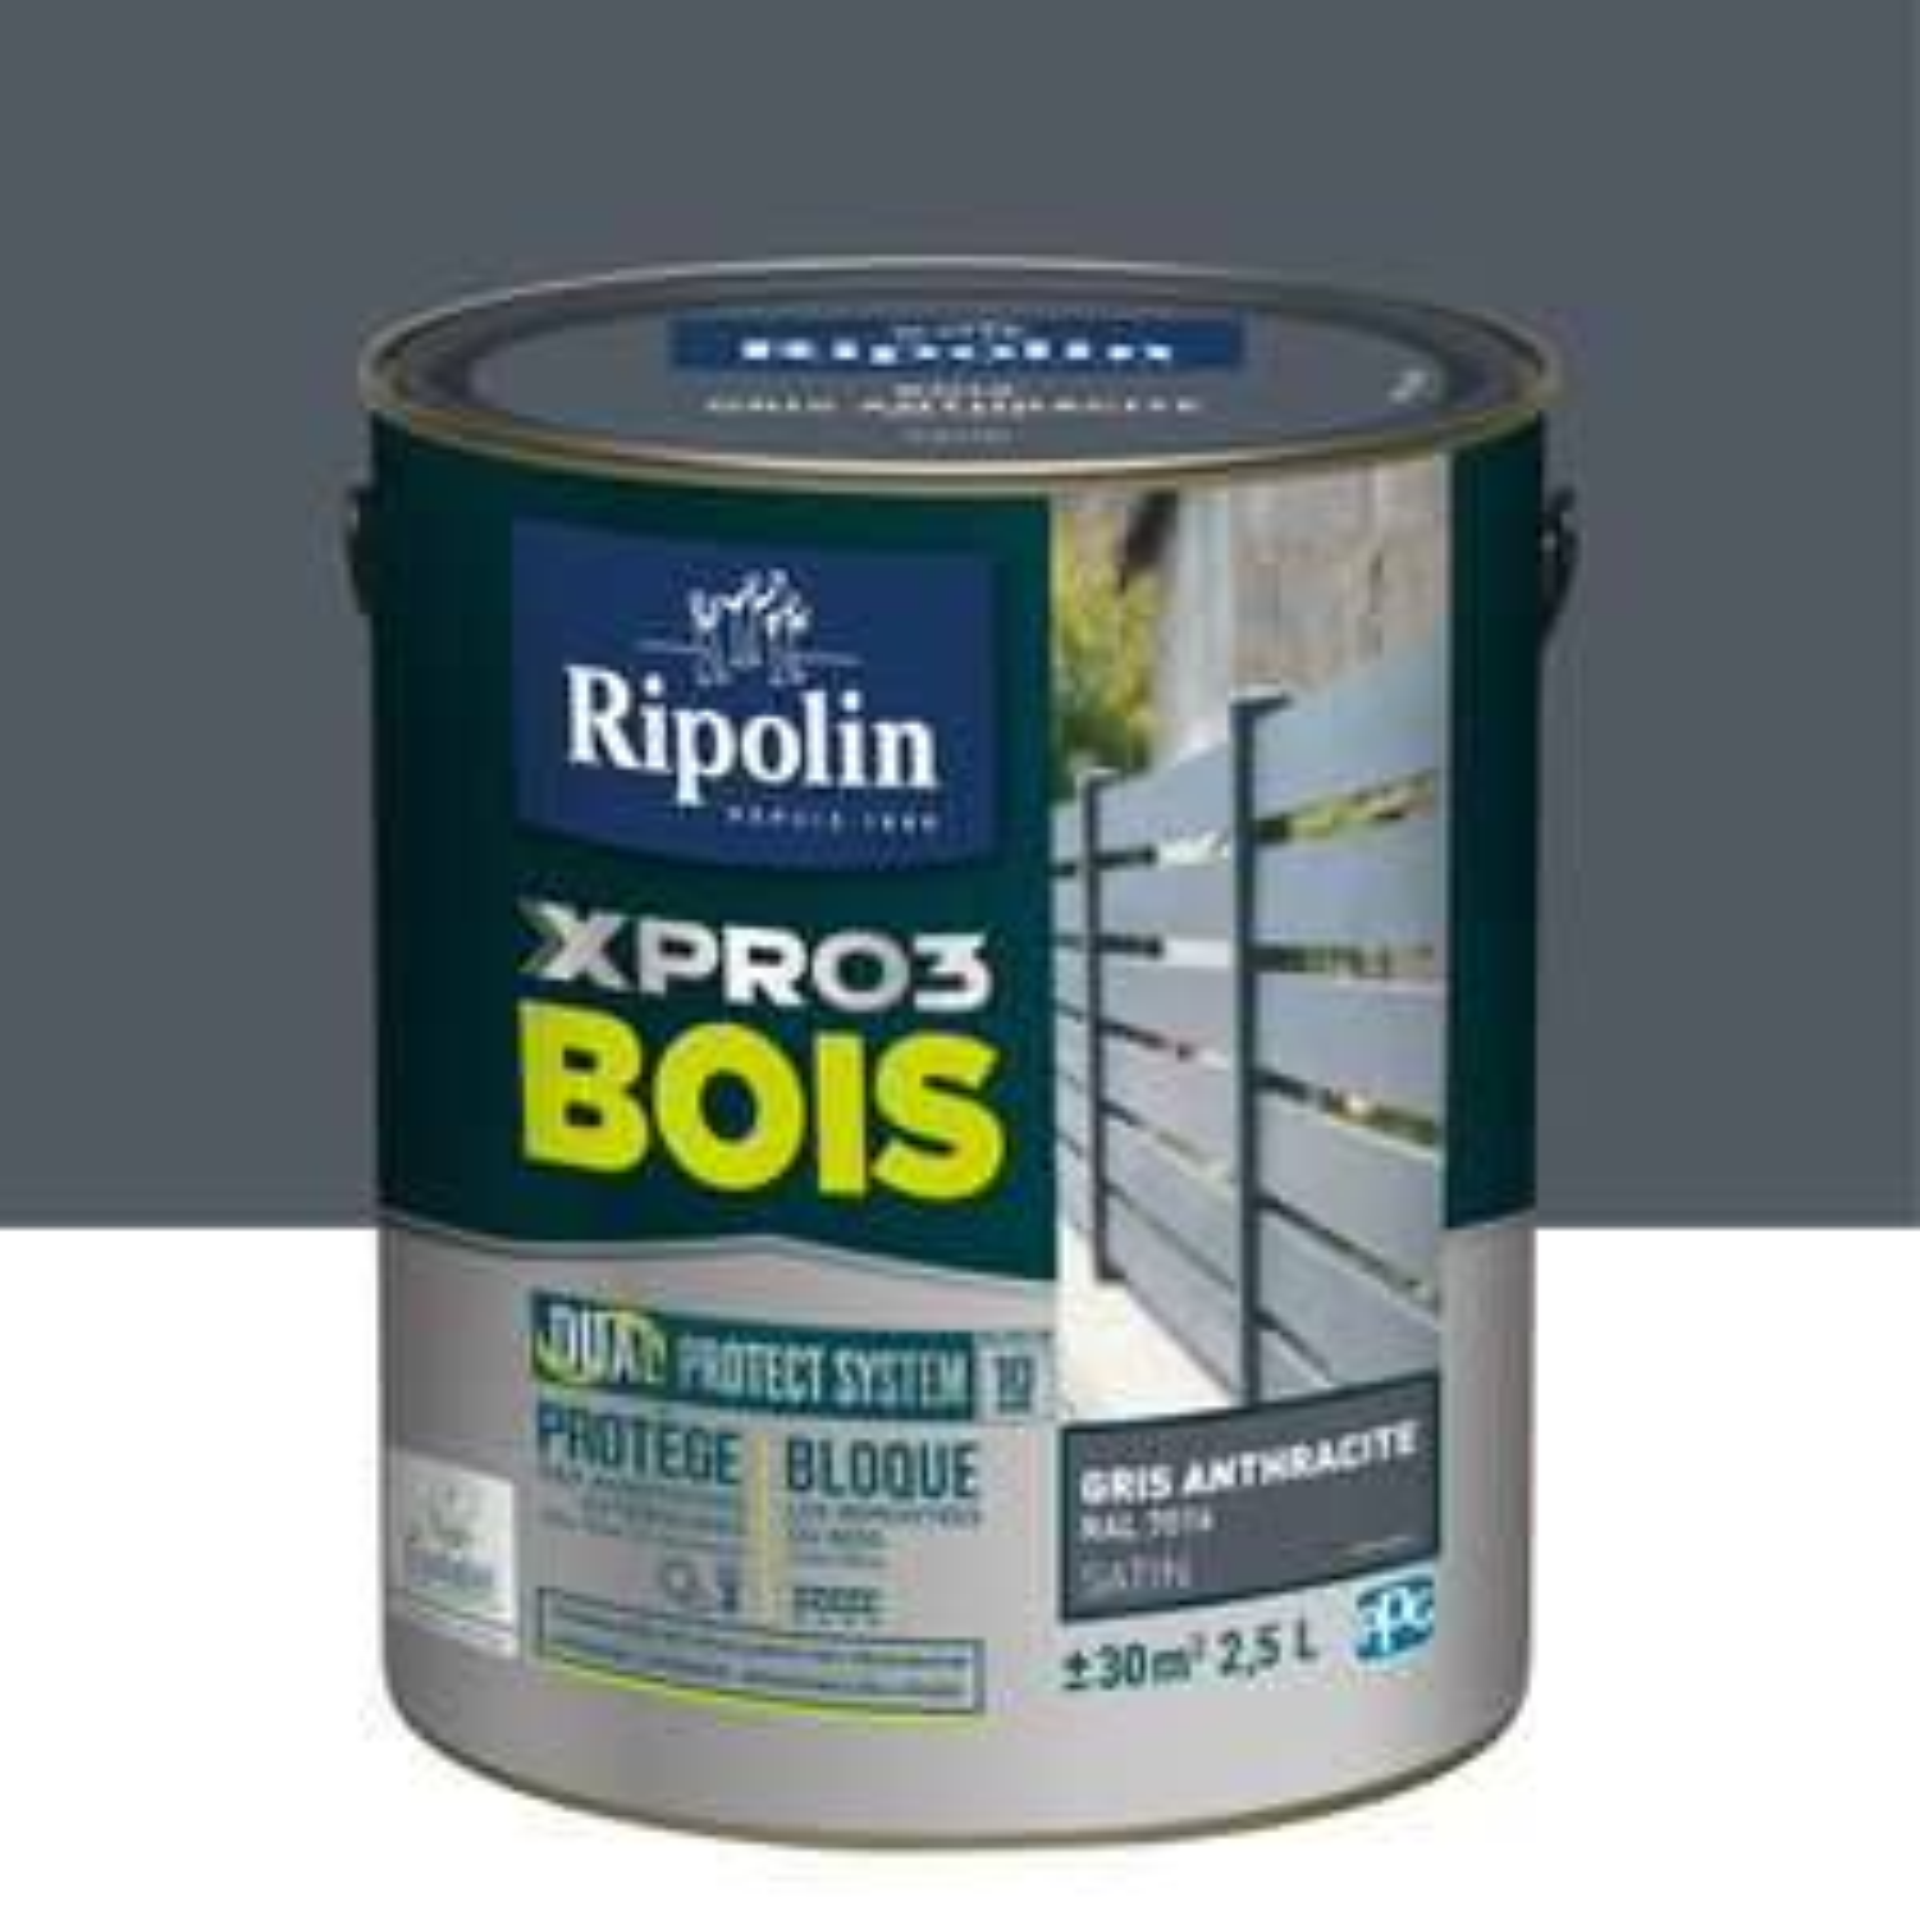 Peinture bois extérieur / intérieur Xpro3 Ripolin - Gris anthracite satiné 2.5 l